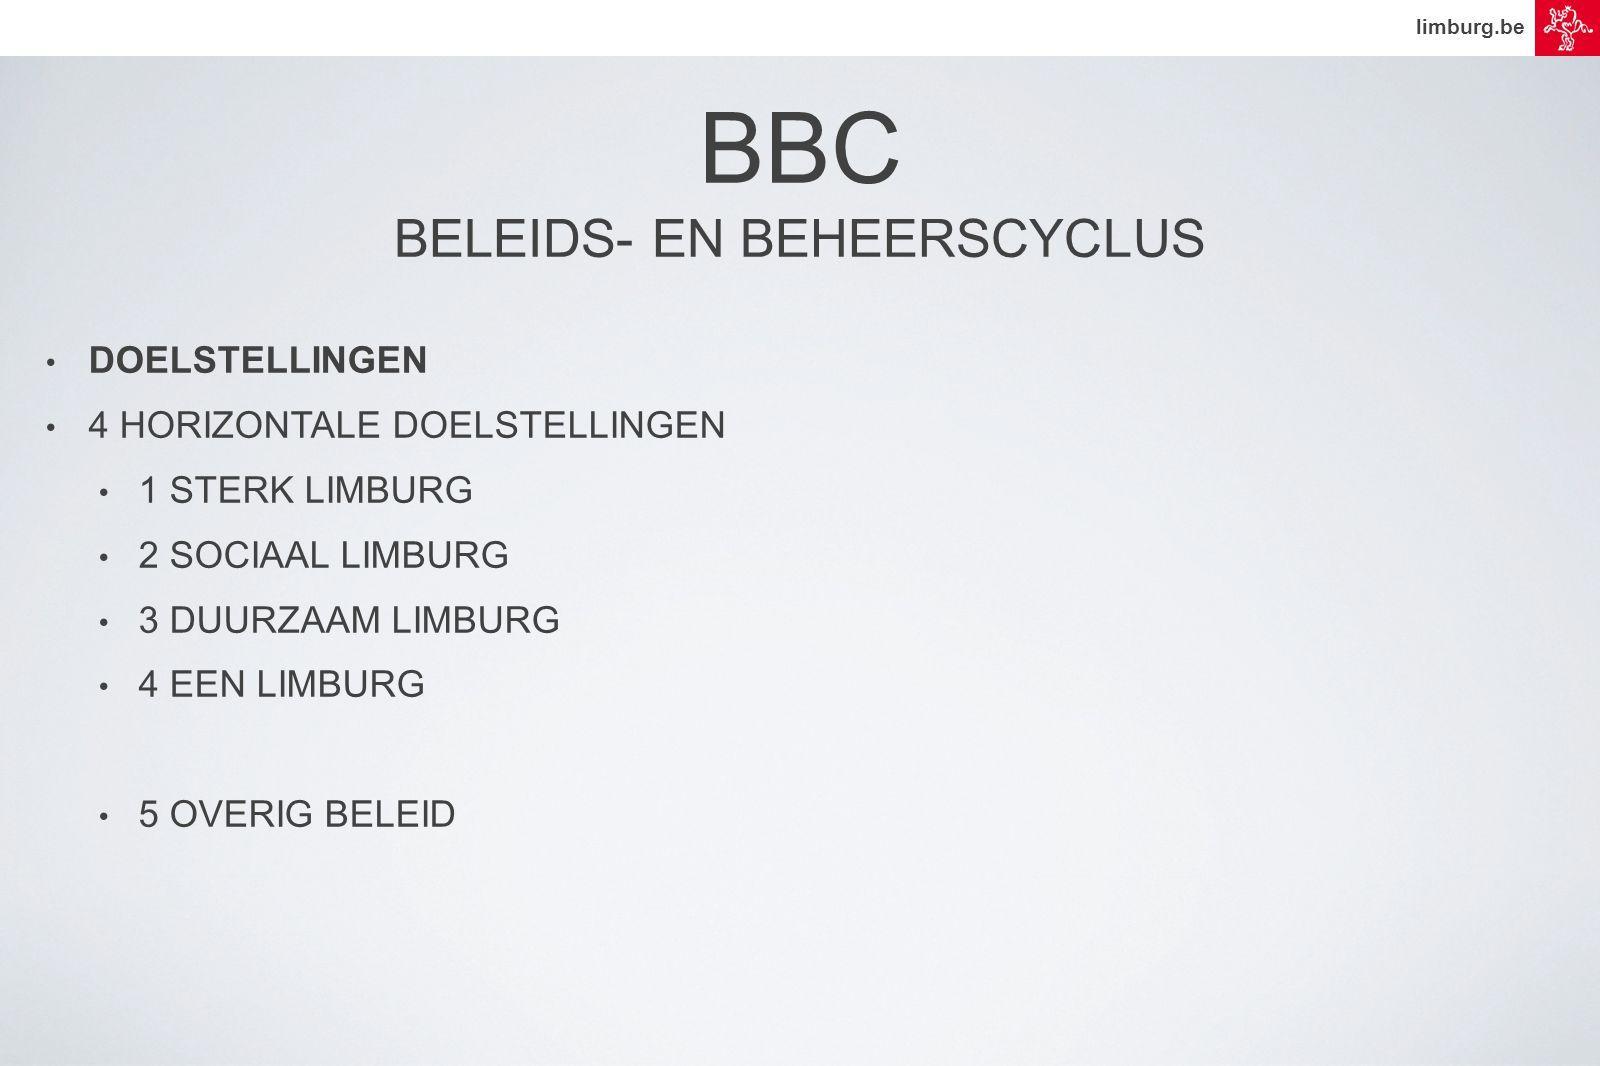 limburg.be • DOELSTELLINGEN • 4 HORIZONTALE DOELSTELLINGEN • 1 STERK LIMBURG • 2 SOCIAAL LIMBURG • 3 DUURZAAM LIMBURG • 4 EEN LIMBURG • 5 OVERIG BELEID BBC BELEIDS- EN BEHEERSCYCLUS